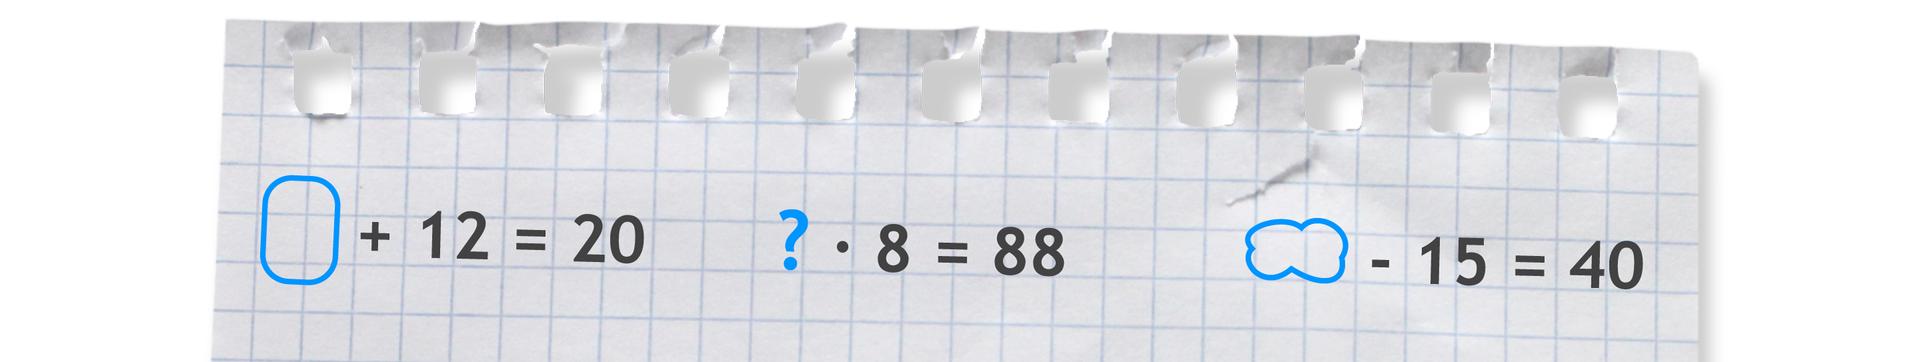 """""""Przykłady równań zpustymi miejscami do uzupełnienia: puste +12 =20"""